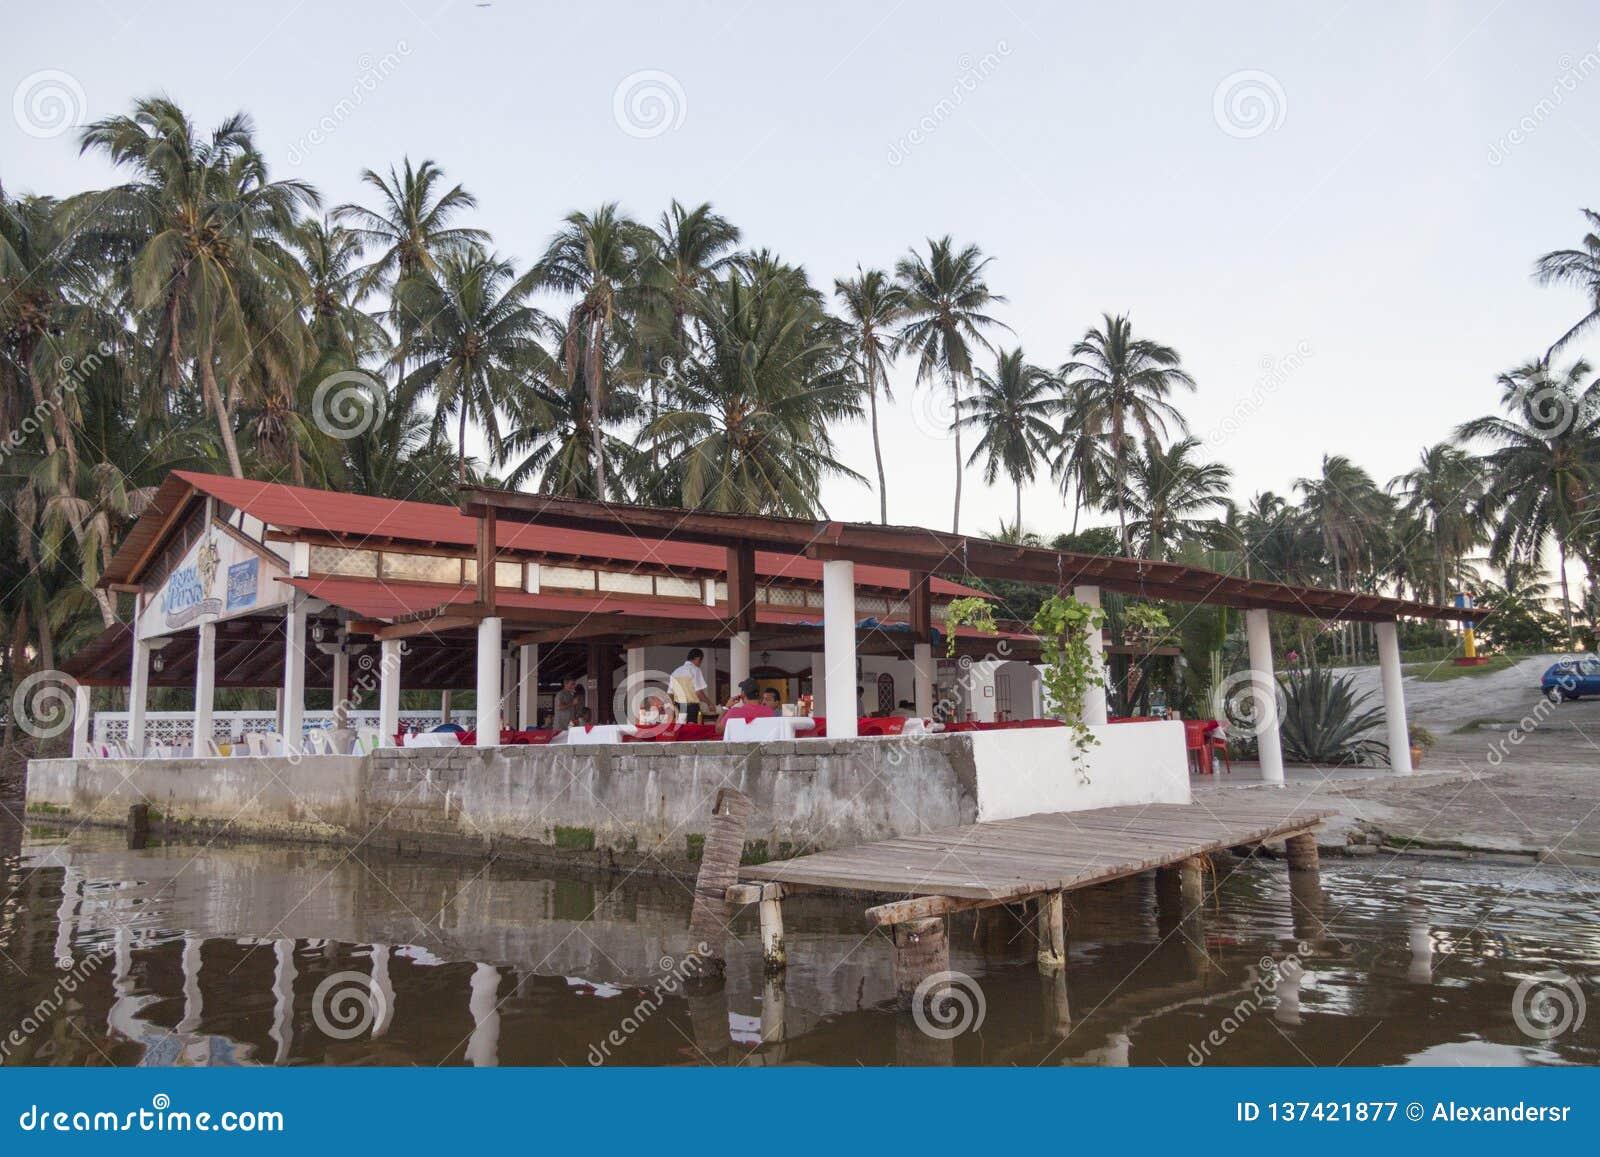 Le Mexique Tabasco ParaÃso/Mexique 12/23/2009 Restaurant célèbre dans ParaÃso, la plage de pirate ou Playa del Pirata